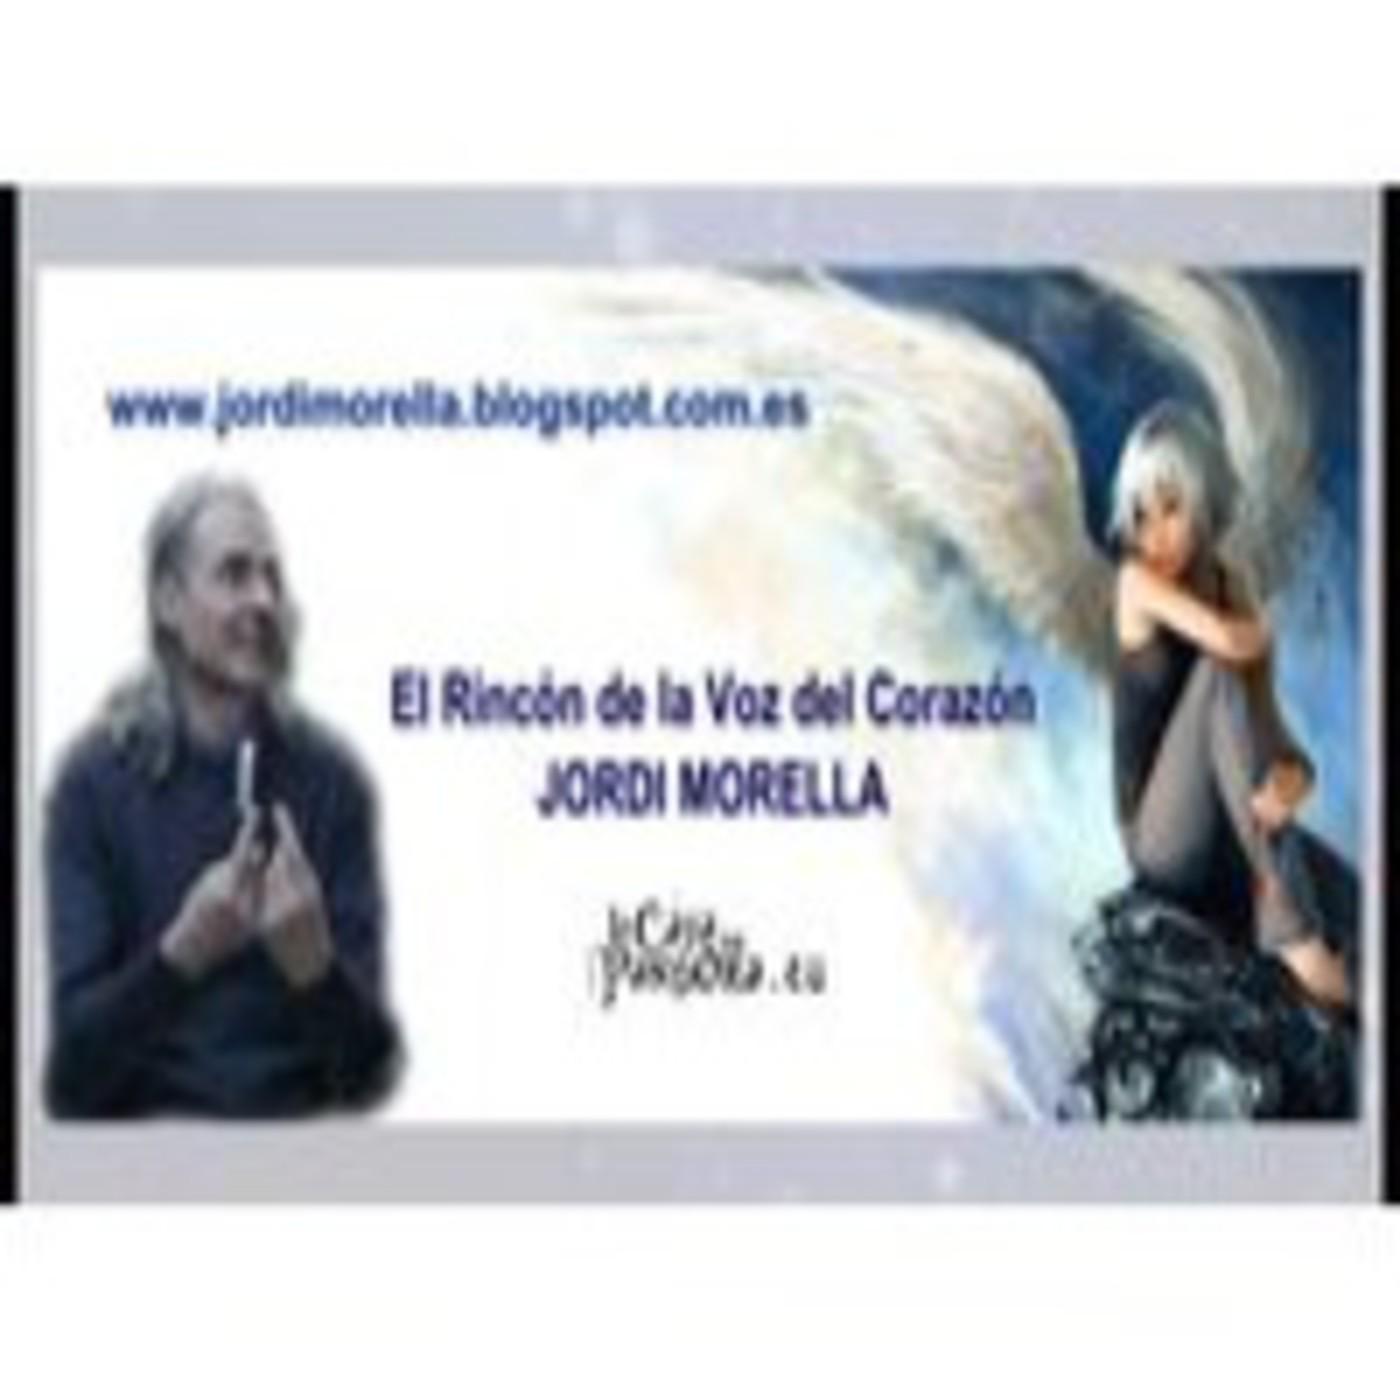 EL RINCÓN DE LA VOZ DEL CORAZÓN - Jordi Morella